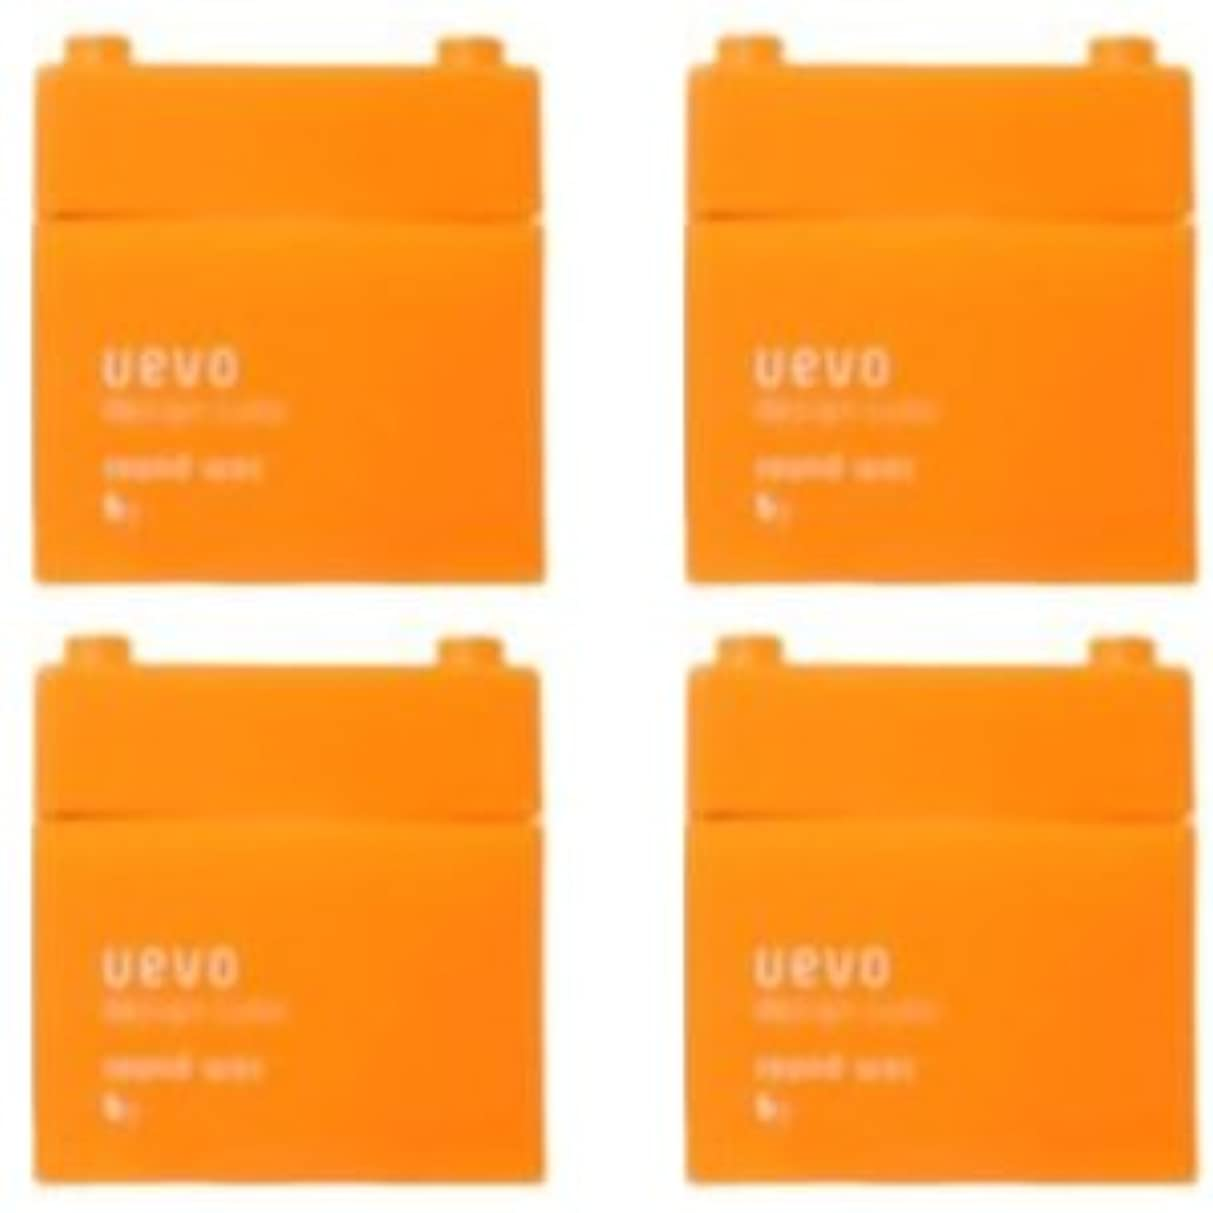 【X4個セット】 デミ ウェーボ デザインキューブ ラウンドワックス 80g round wax DEMI uevo design cube